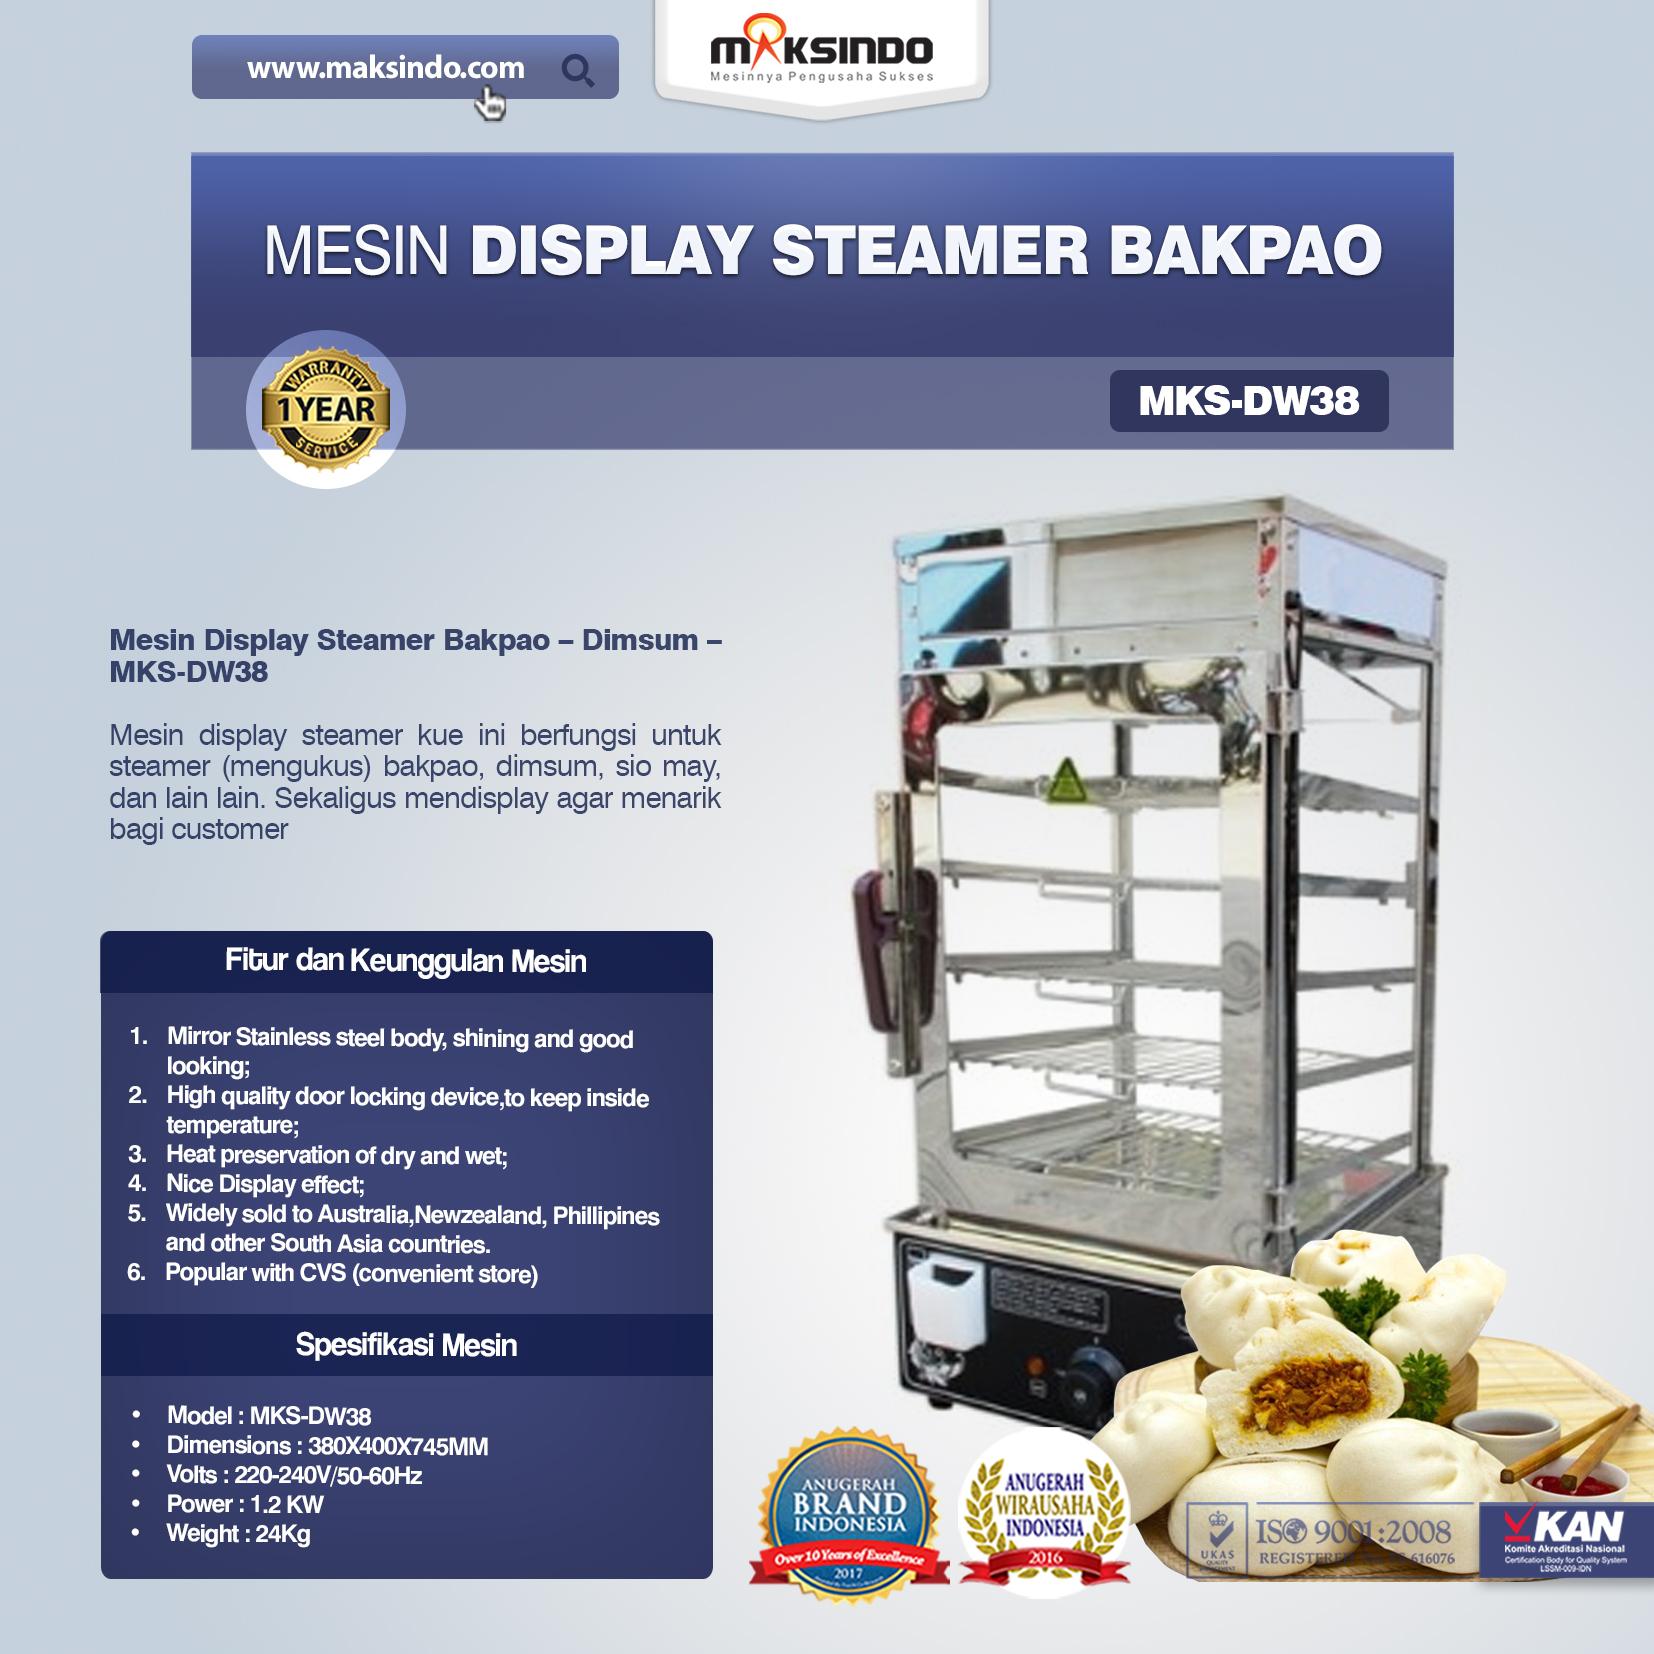 Mesin Display Steamer Bakpao MKS-DW38